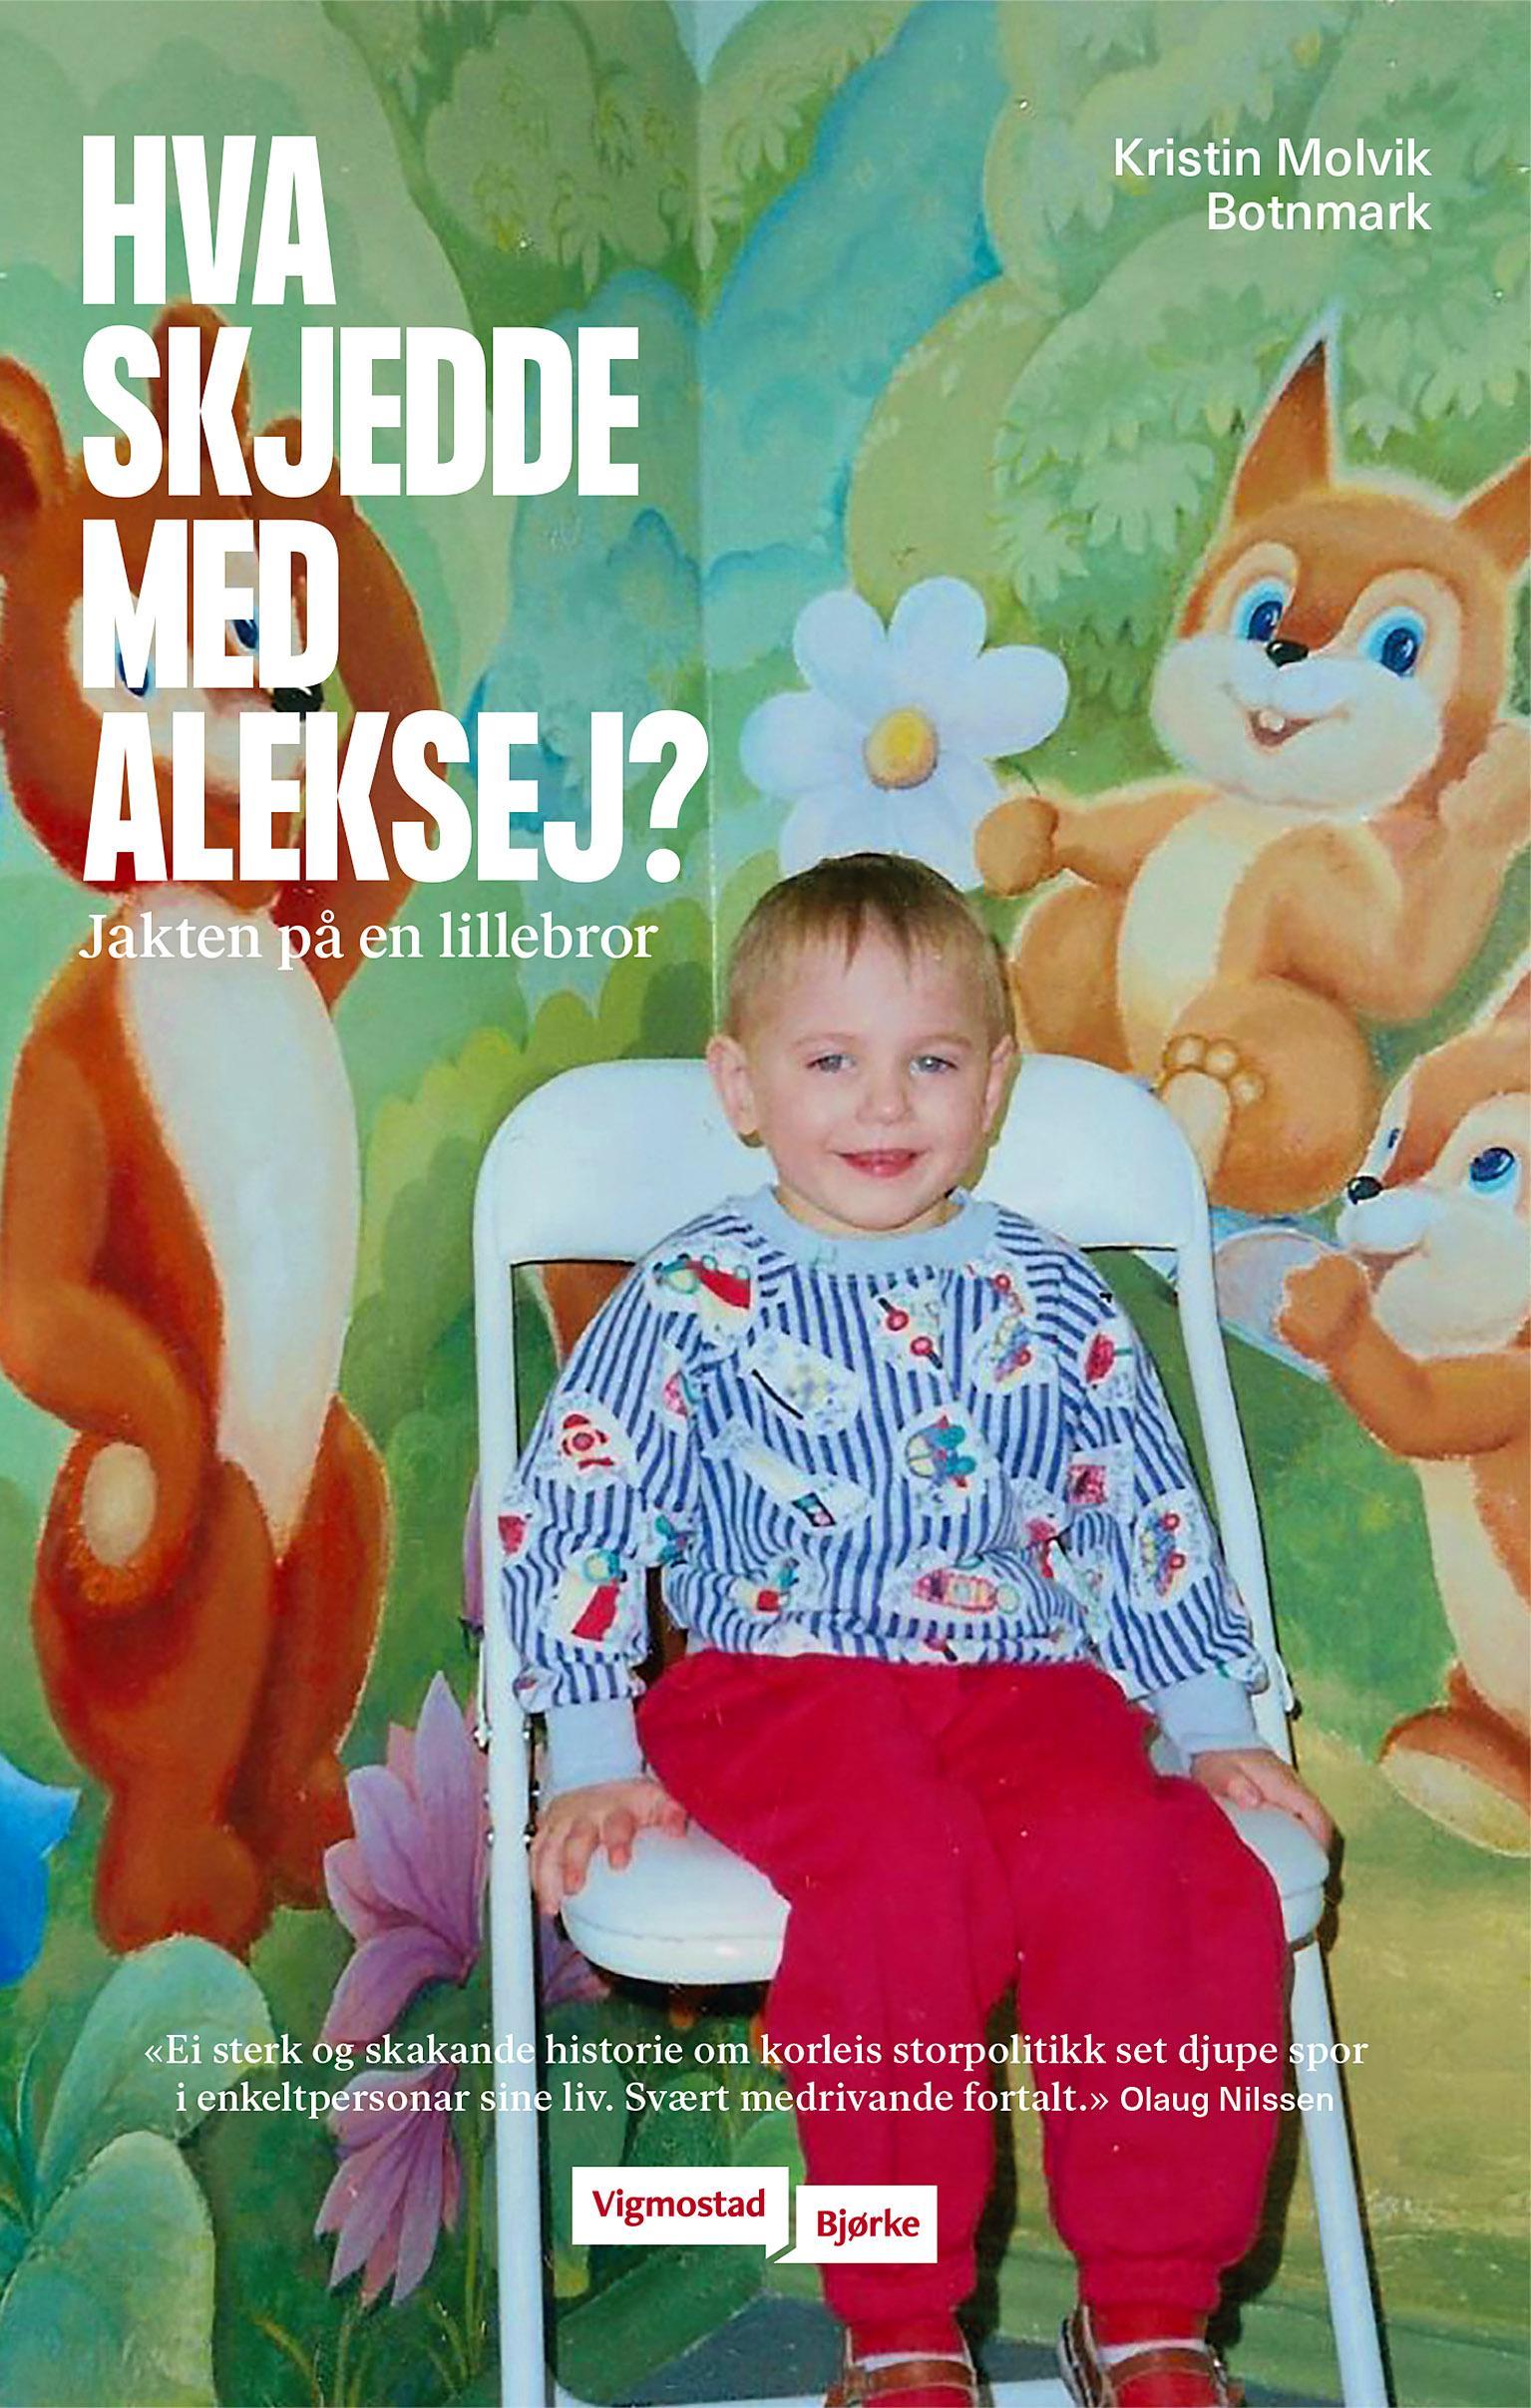 """""""Hva skjedde med Aleksej? - jakten på en lillebror"""" av Kristin Molvik Botnmark"""